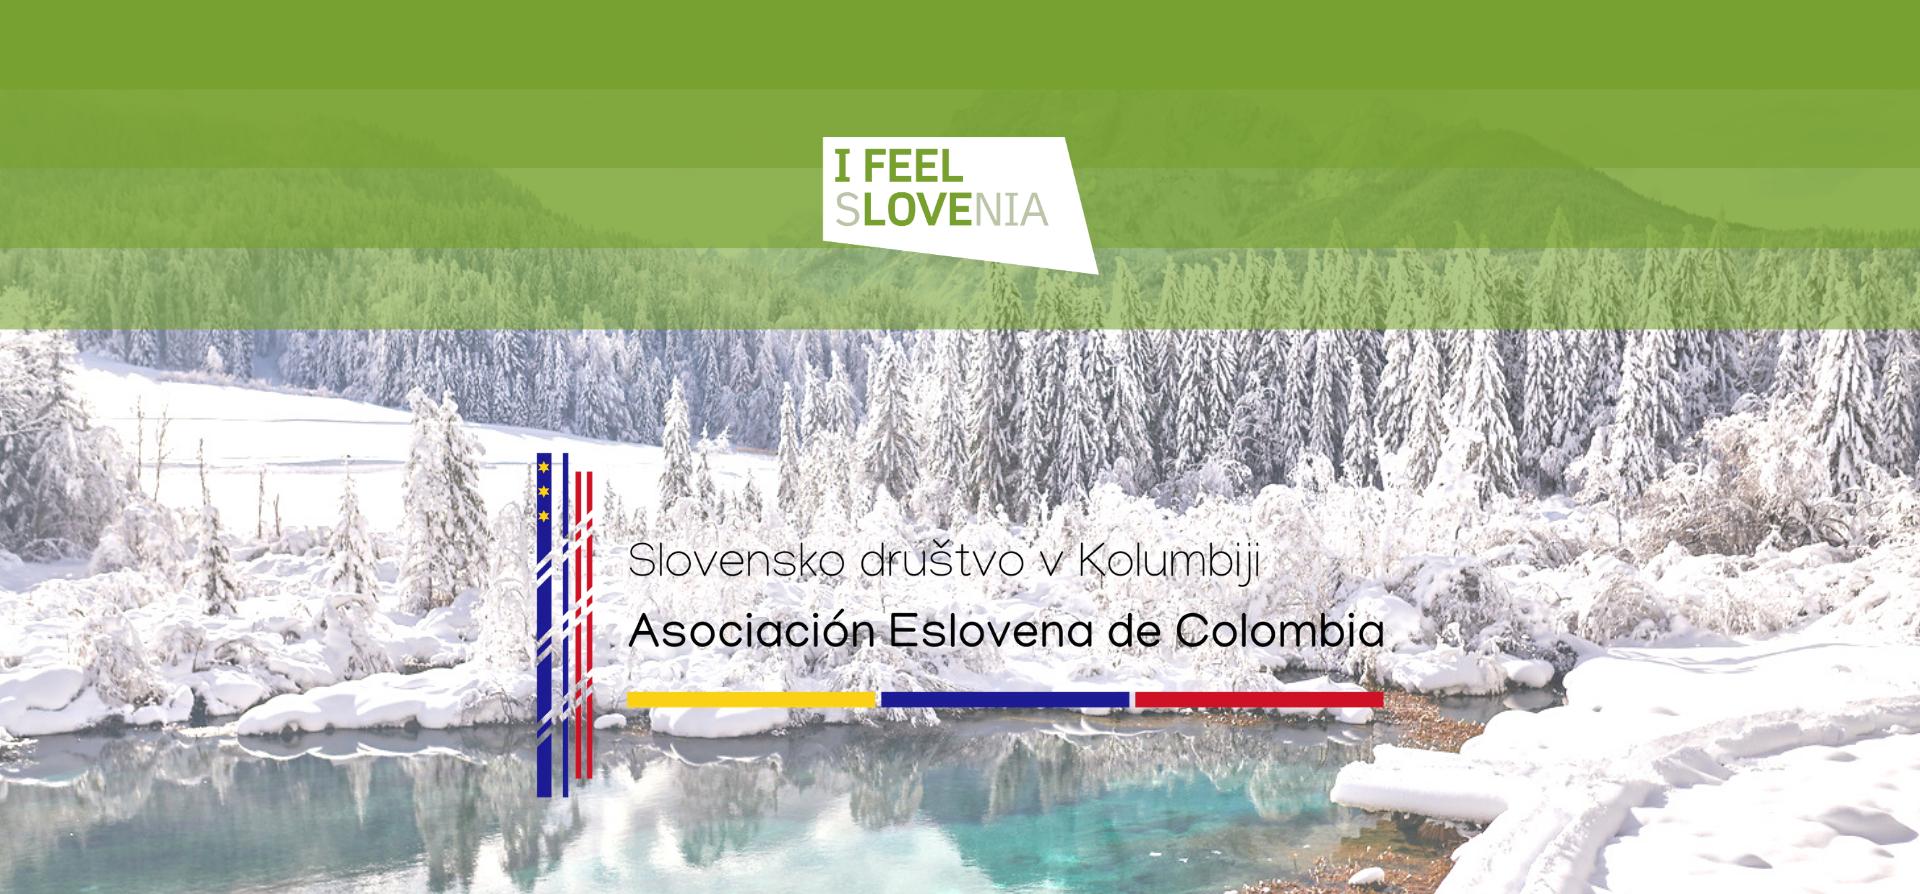 Eslovenia.co